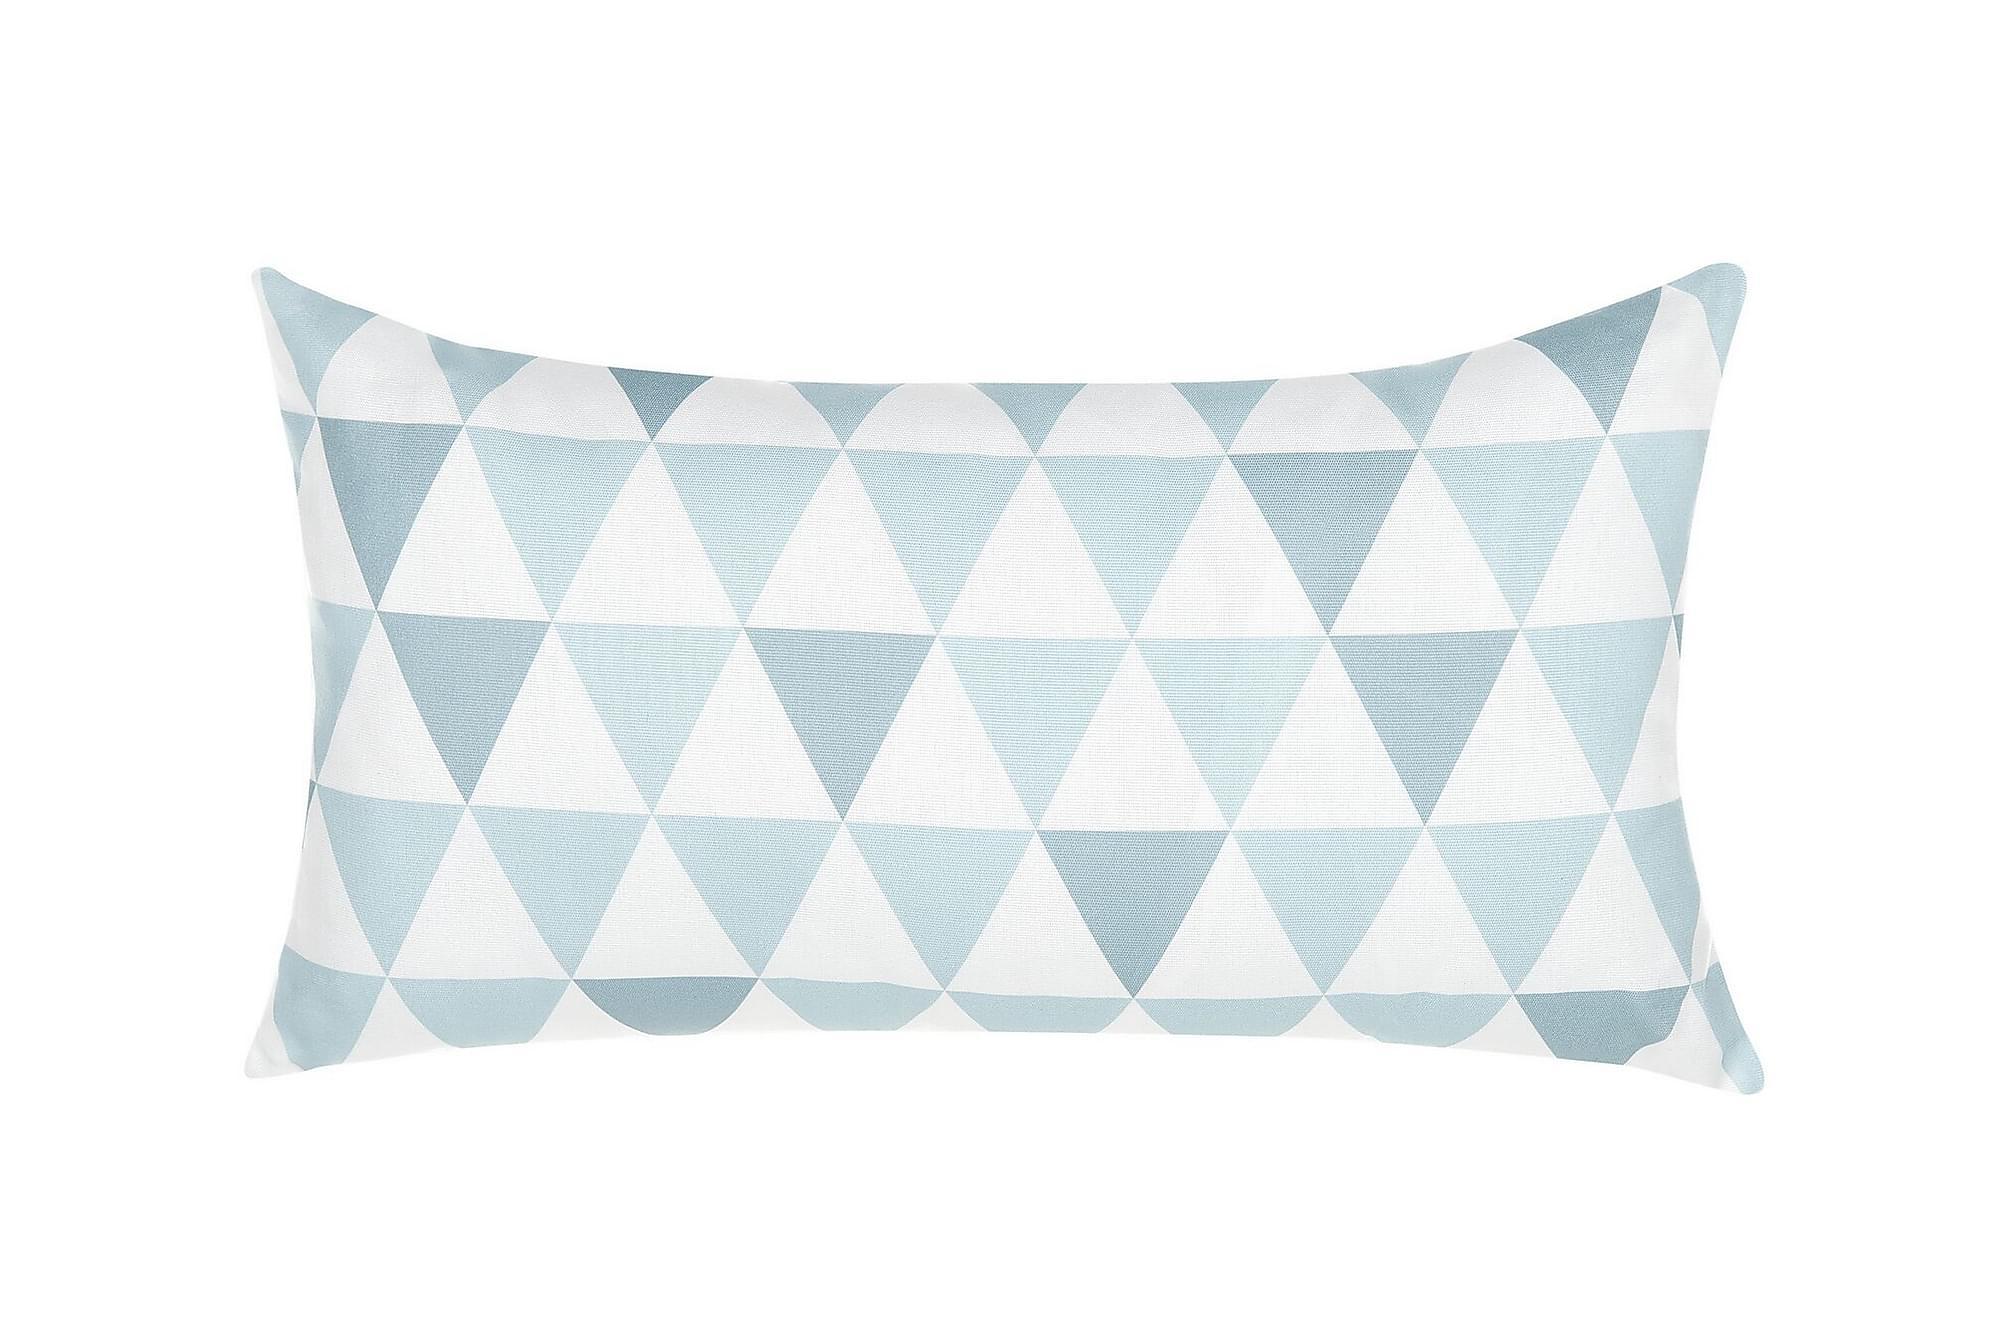 ACHINGILLS Trädgårdskudde Trianglar 40x70 cm Blå, Övriga dynor